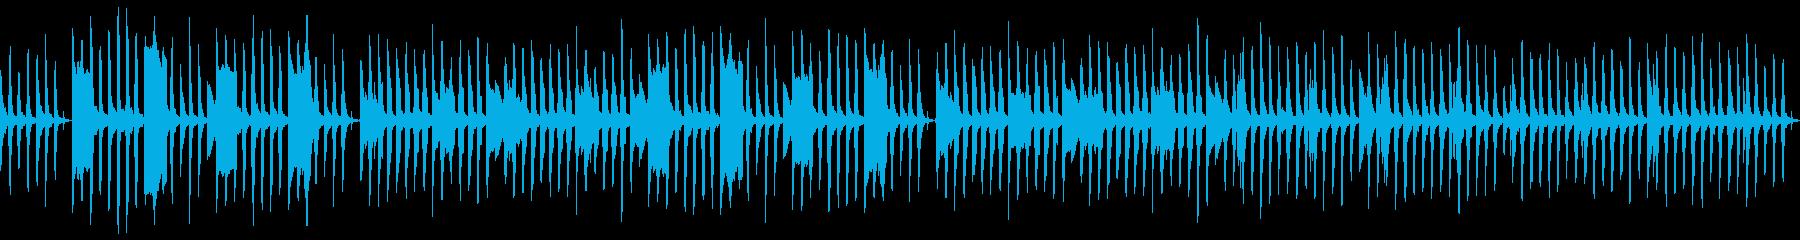 動画向け!気の抜けるリコーダー脱力系の再生済みの波形